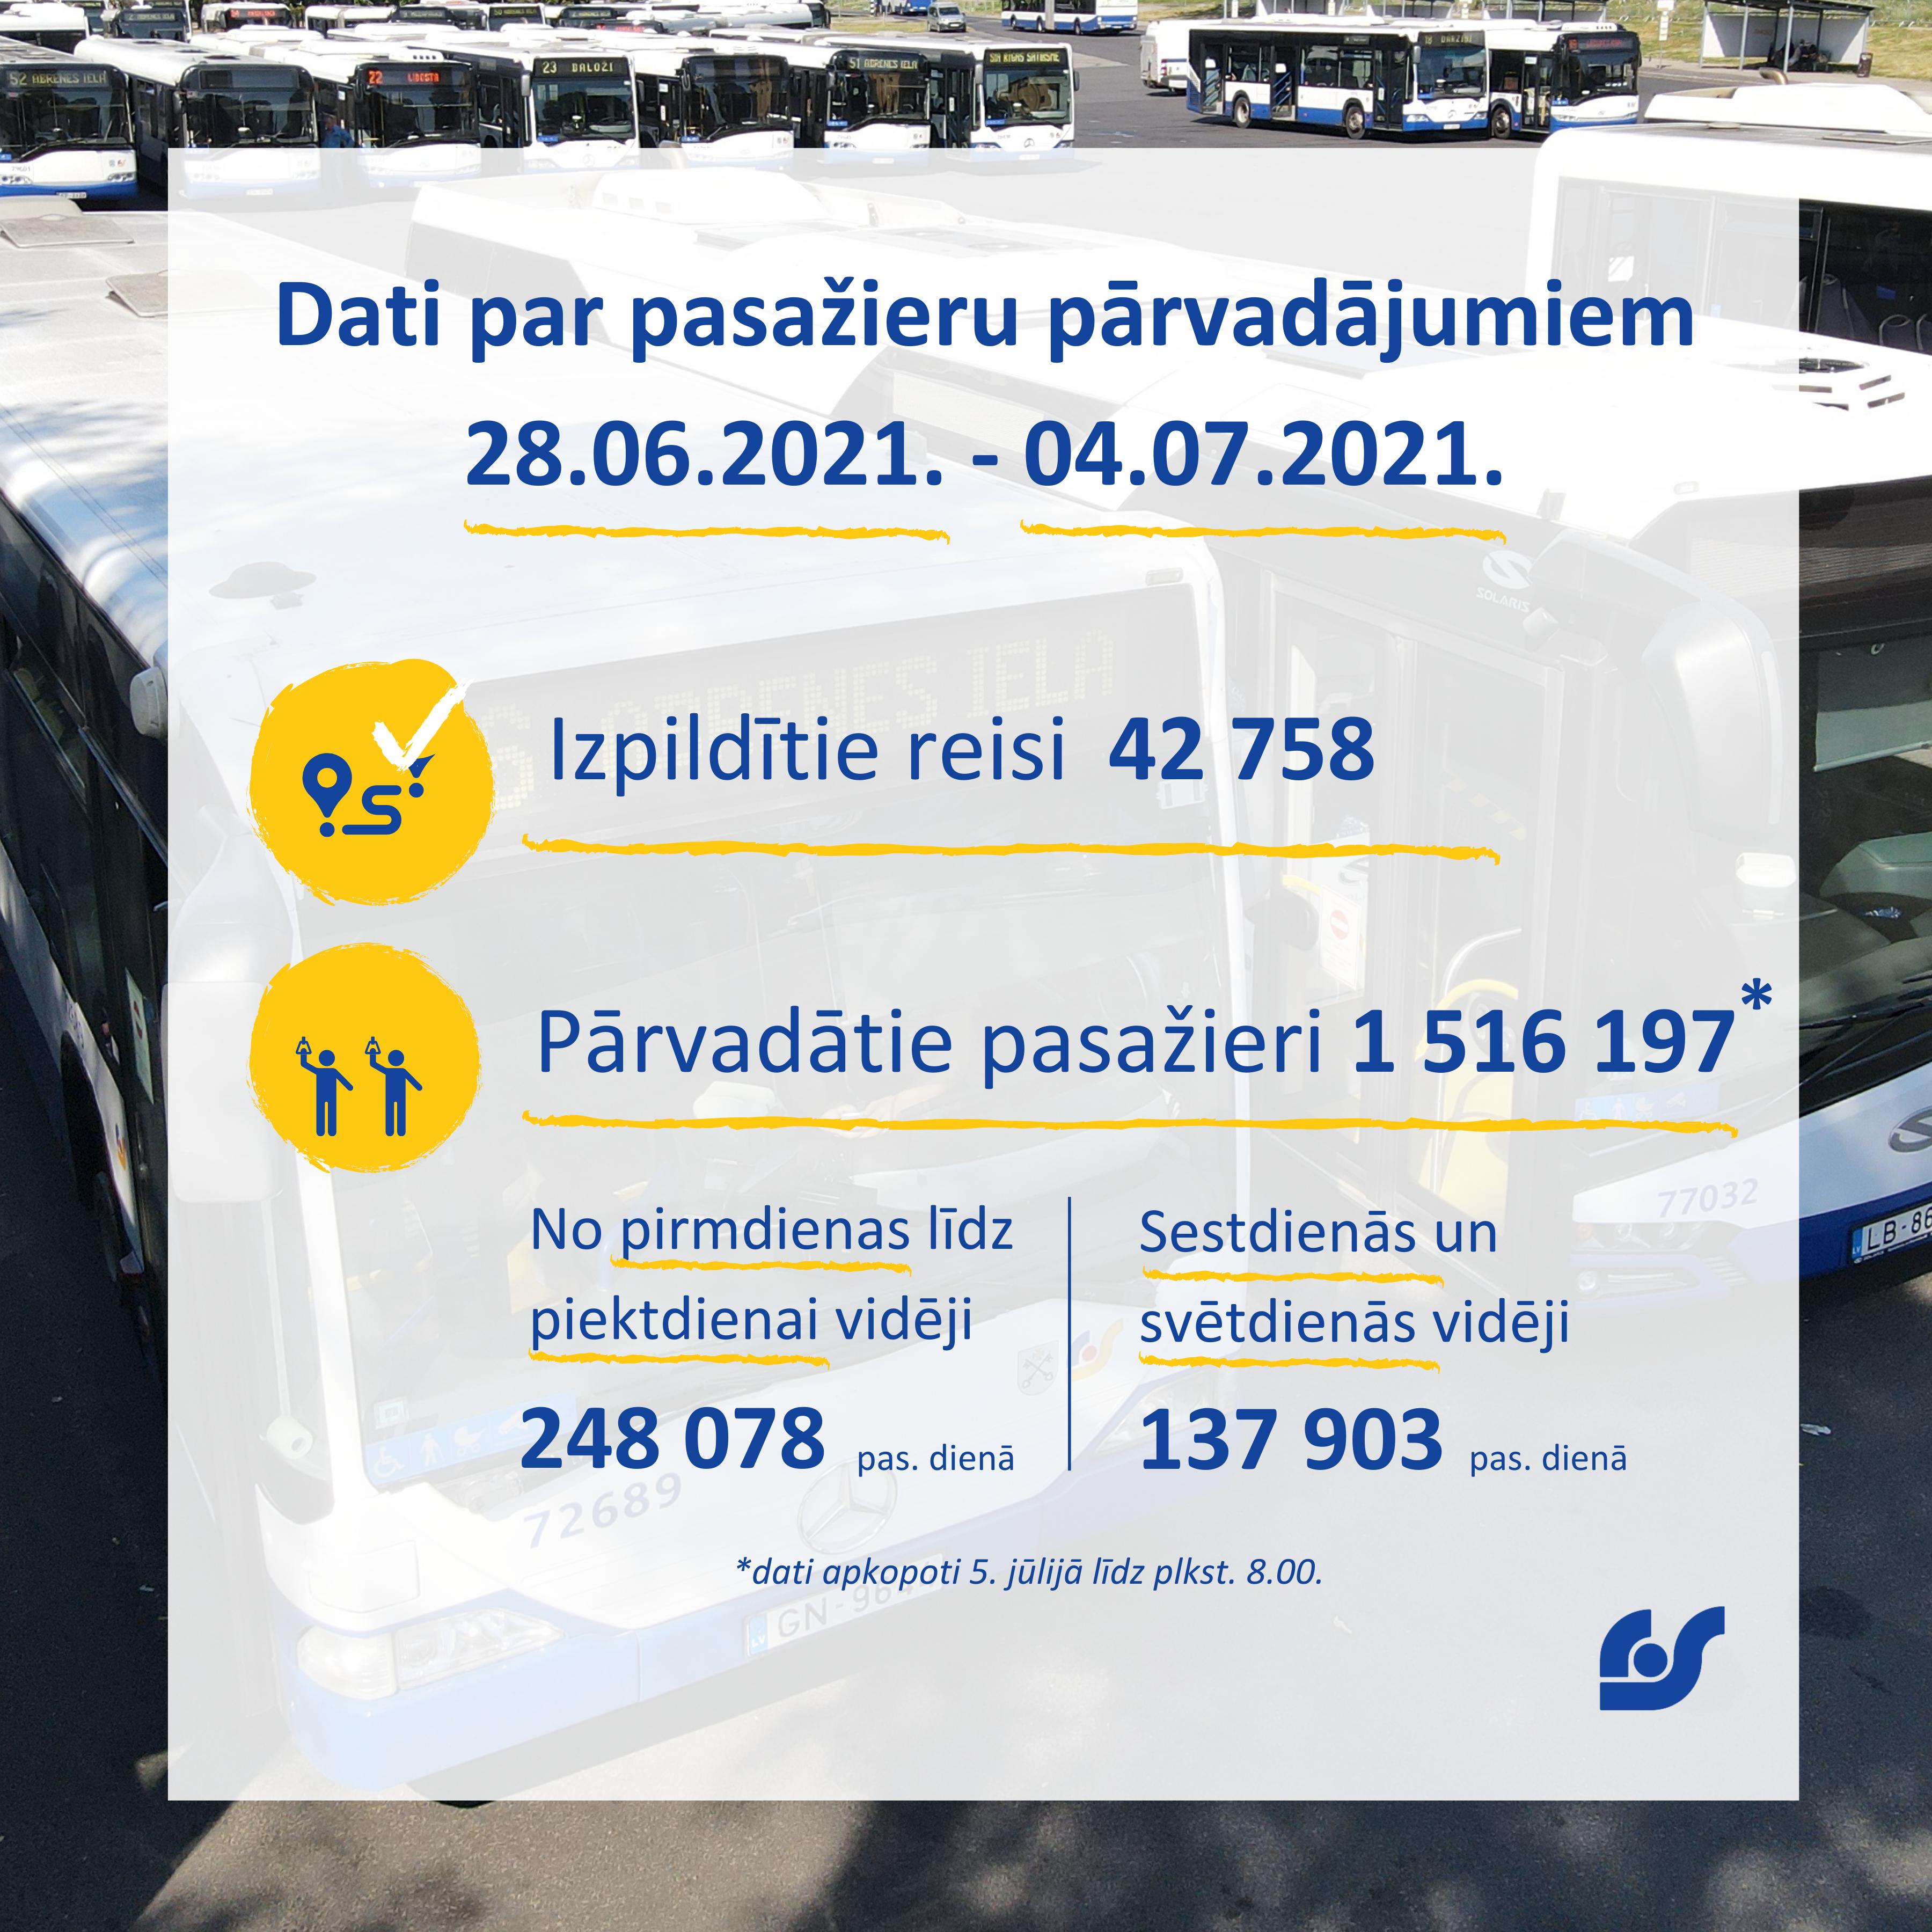 Dati par pasažieru pārvadājumiem (9).png